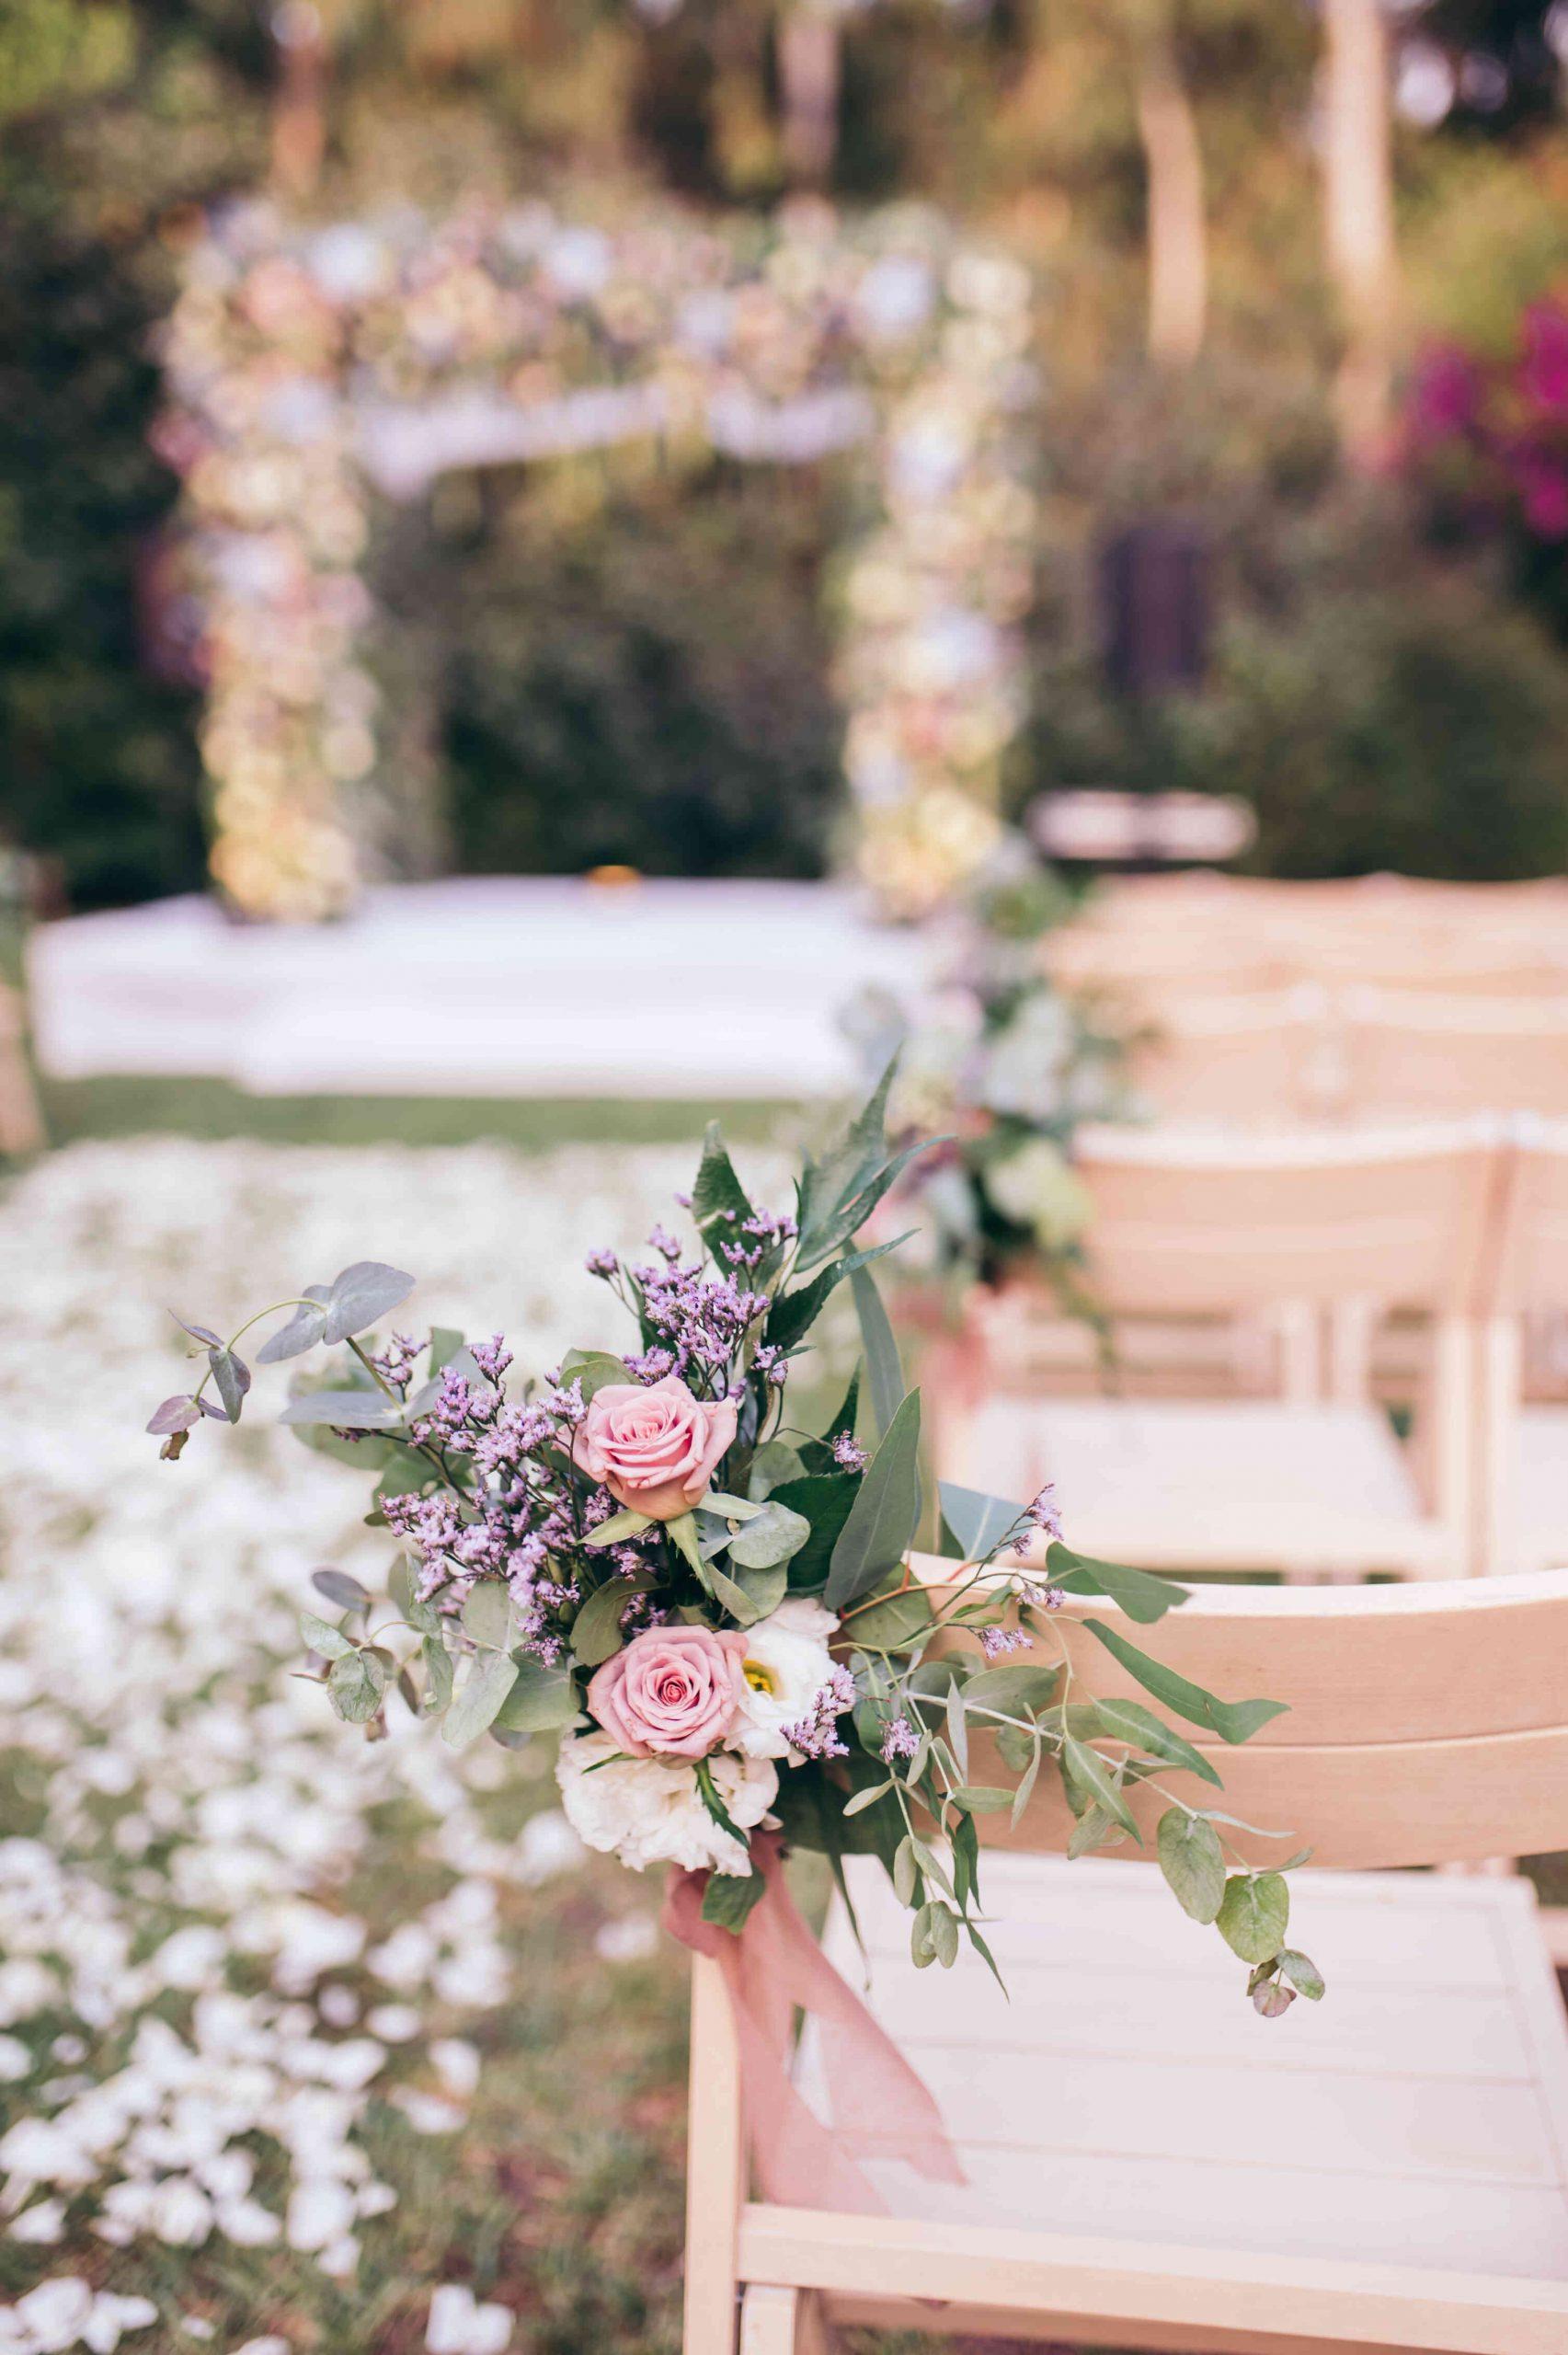 הכי קרוב לטבע ועם מלא טאצ' אישי: החתונה של עדי ואביחי